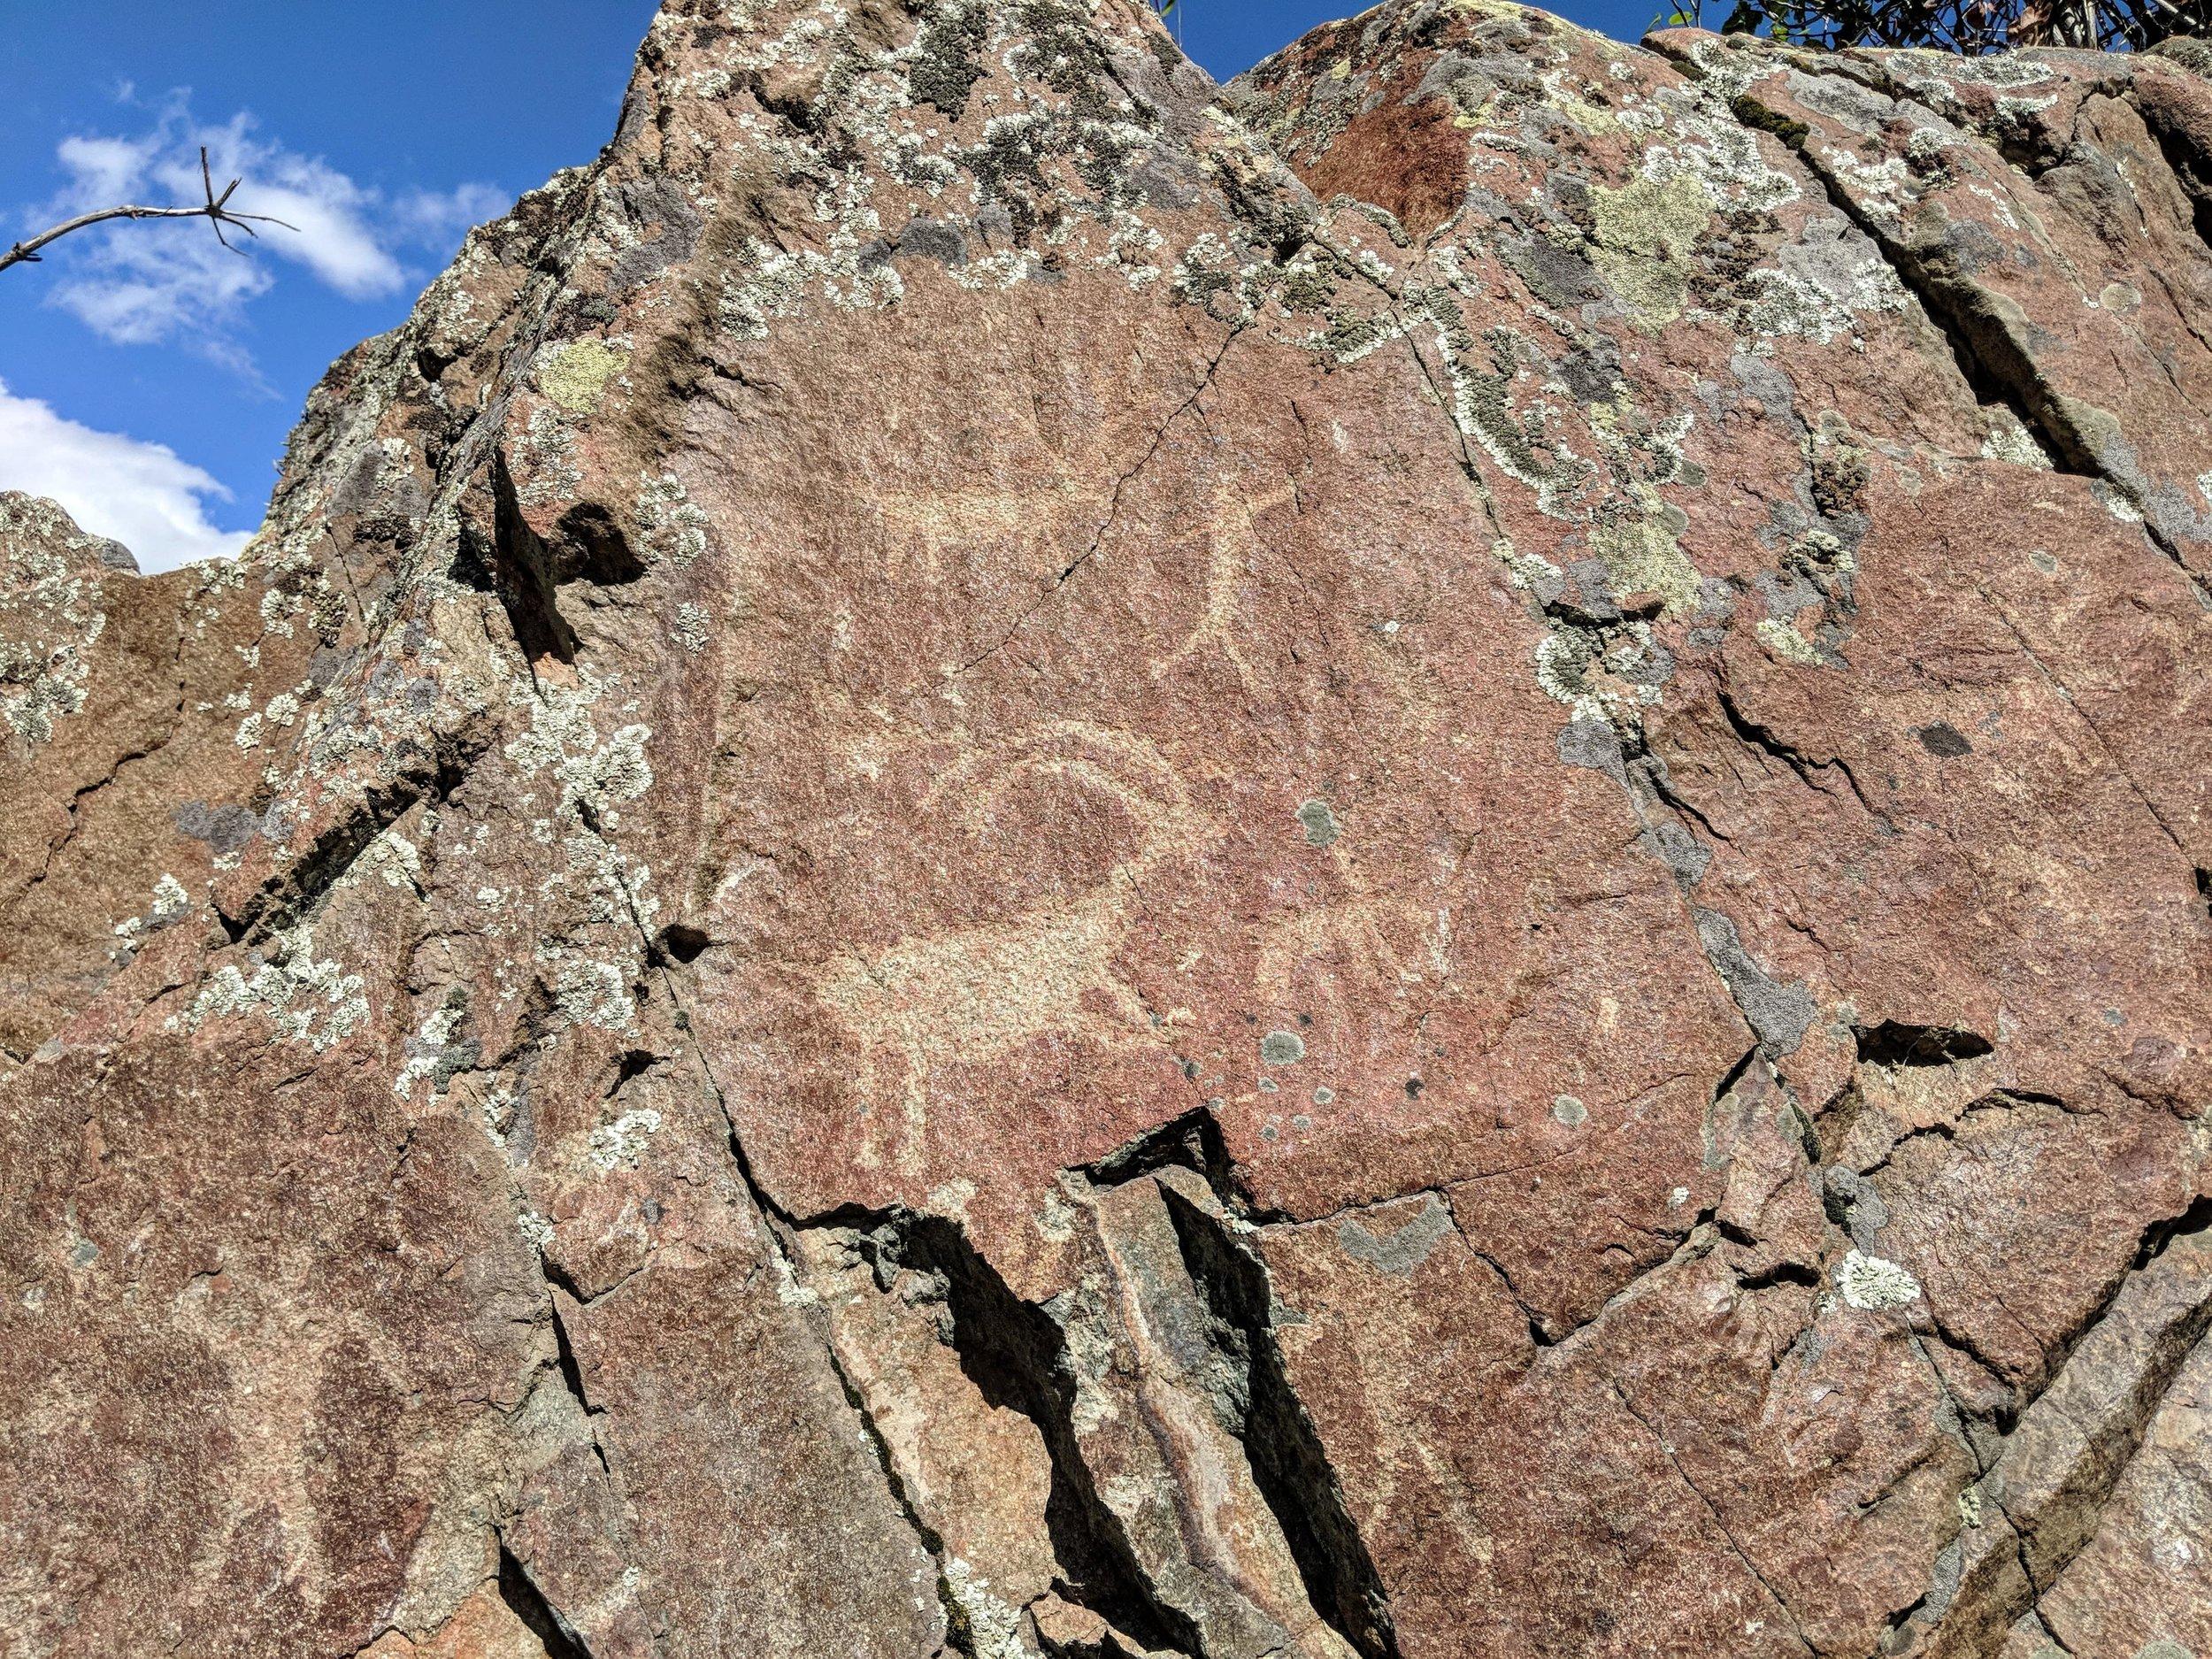 Petroglyhps